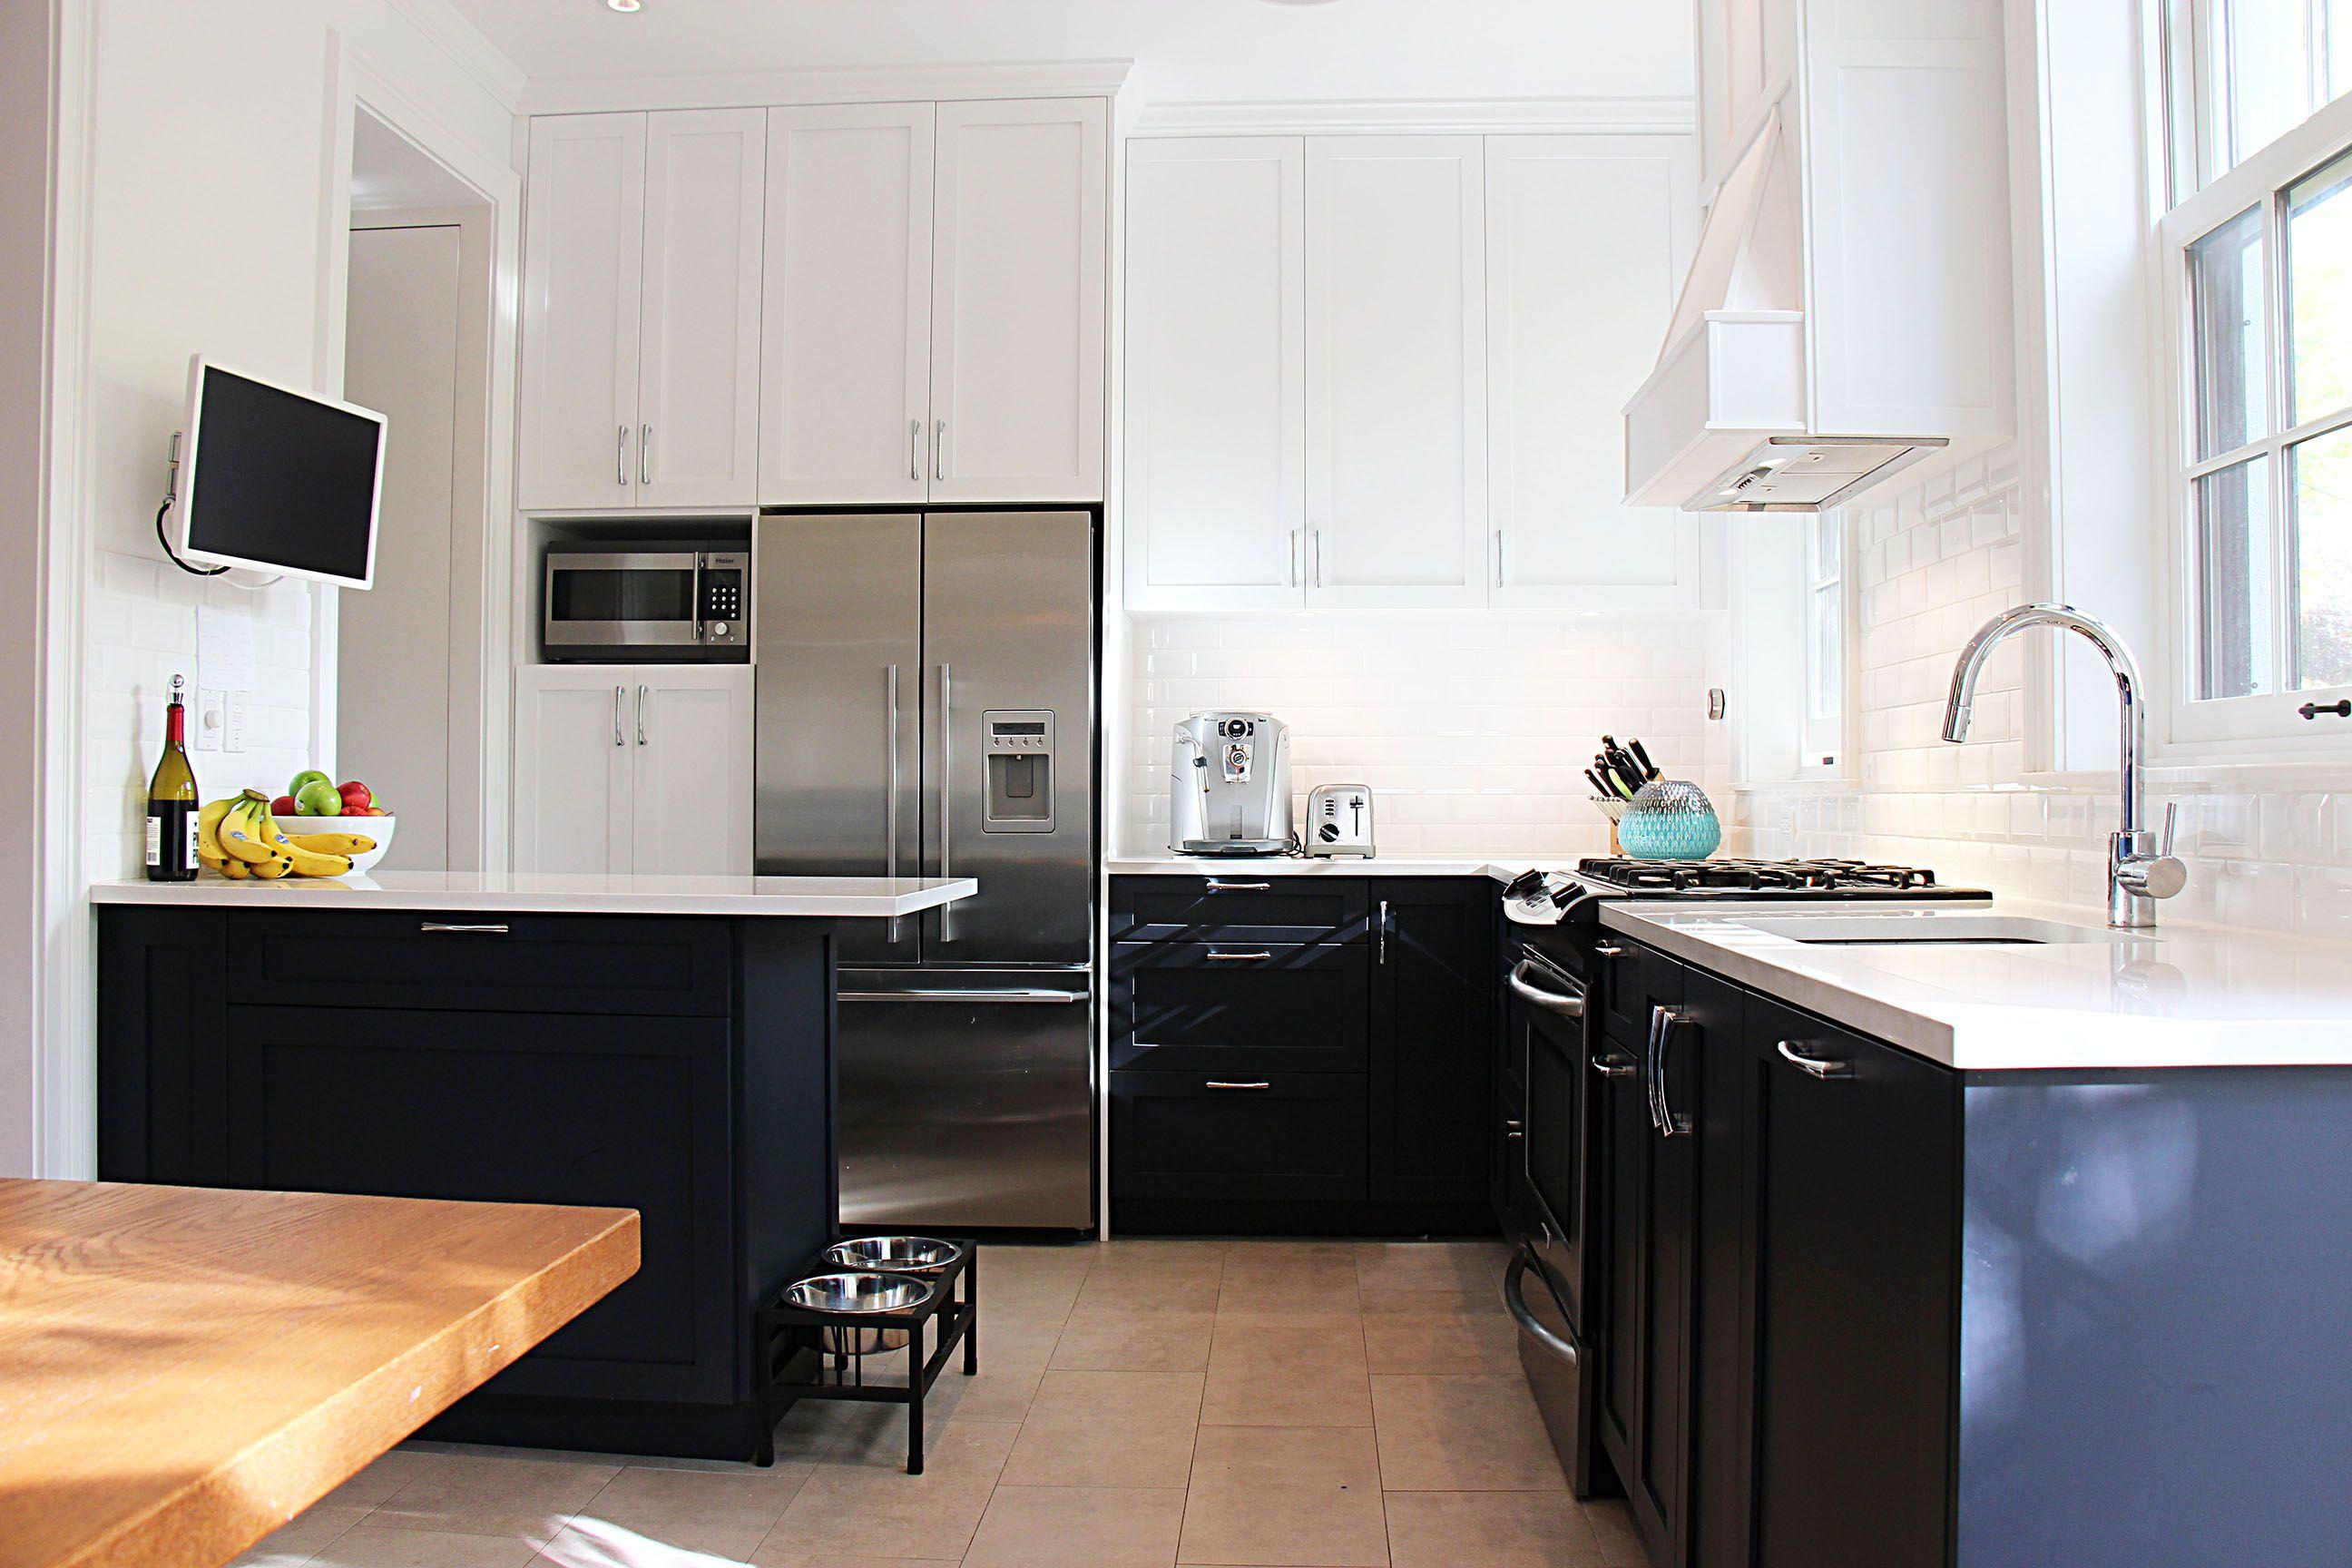 Intelligent Kitchen New York Kitchen New York Kitchen Dream Kitchen